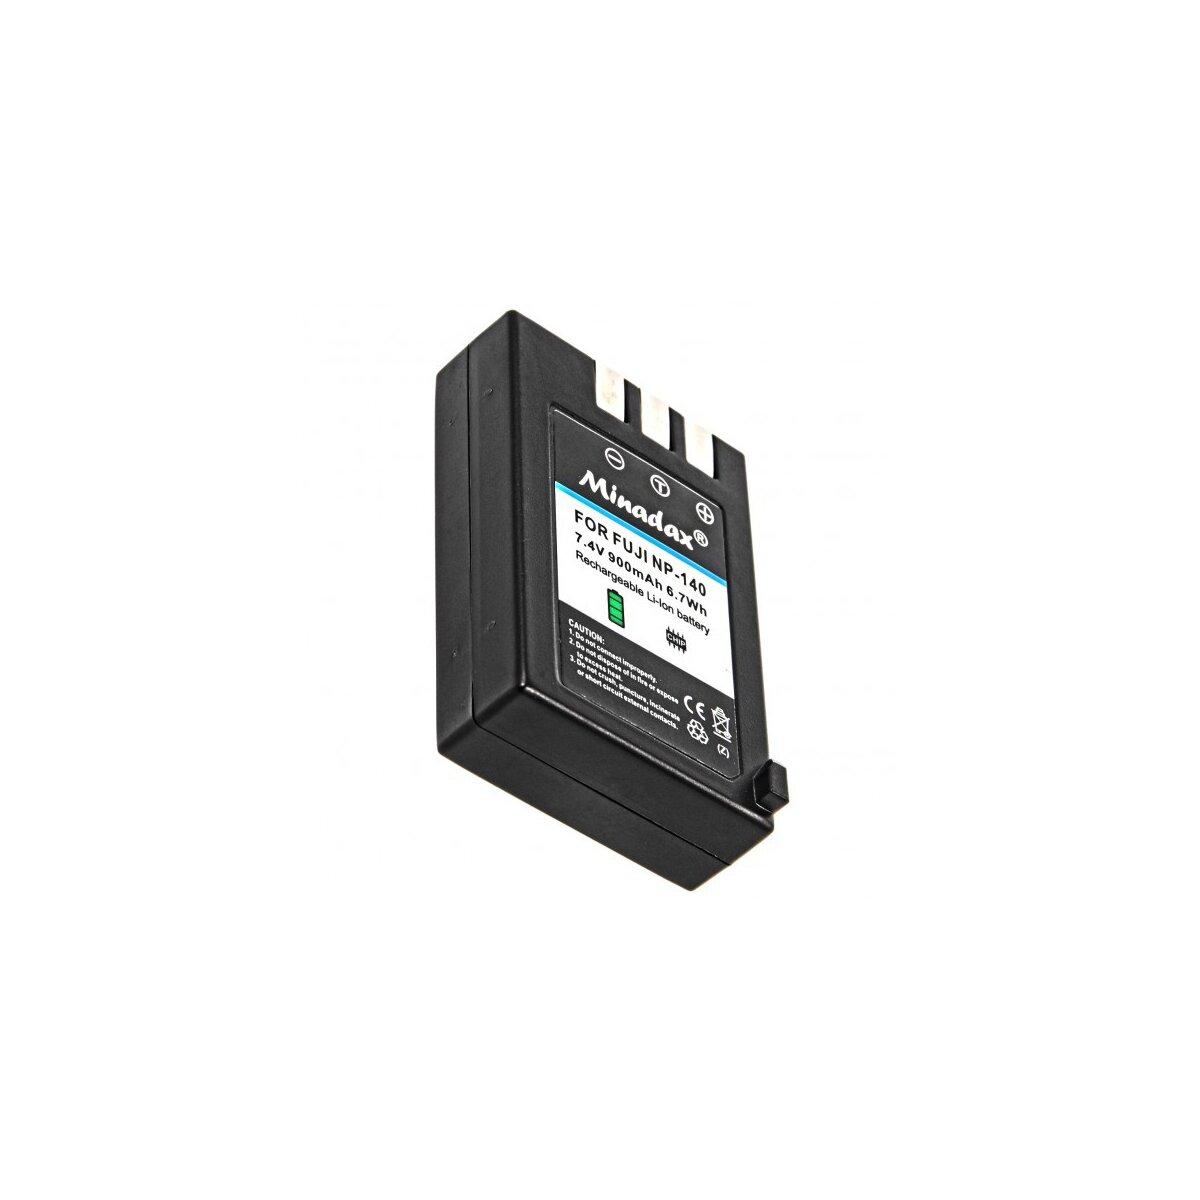 Minadax Qualitätsakku mit echten 900 mAh kompatibel für FujiFilm FinePix S100FS, S200EXR, S205EXR, Ersatz für NP-140 - Intelligentes Akkusystem mit Chip